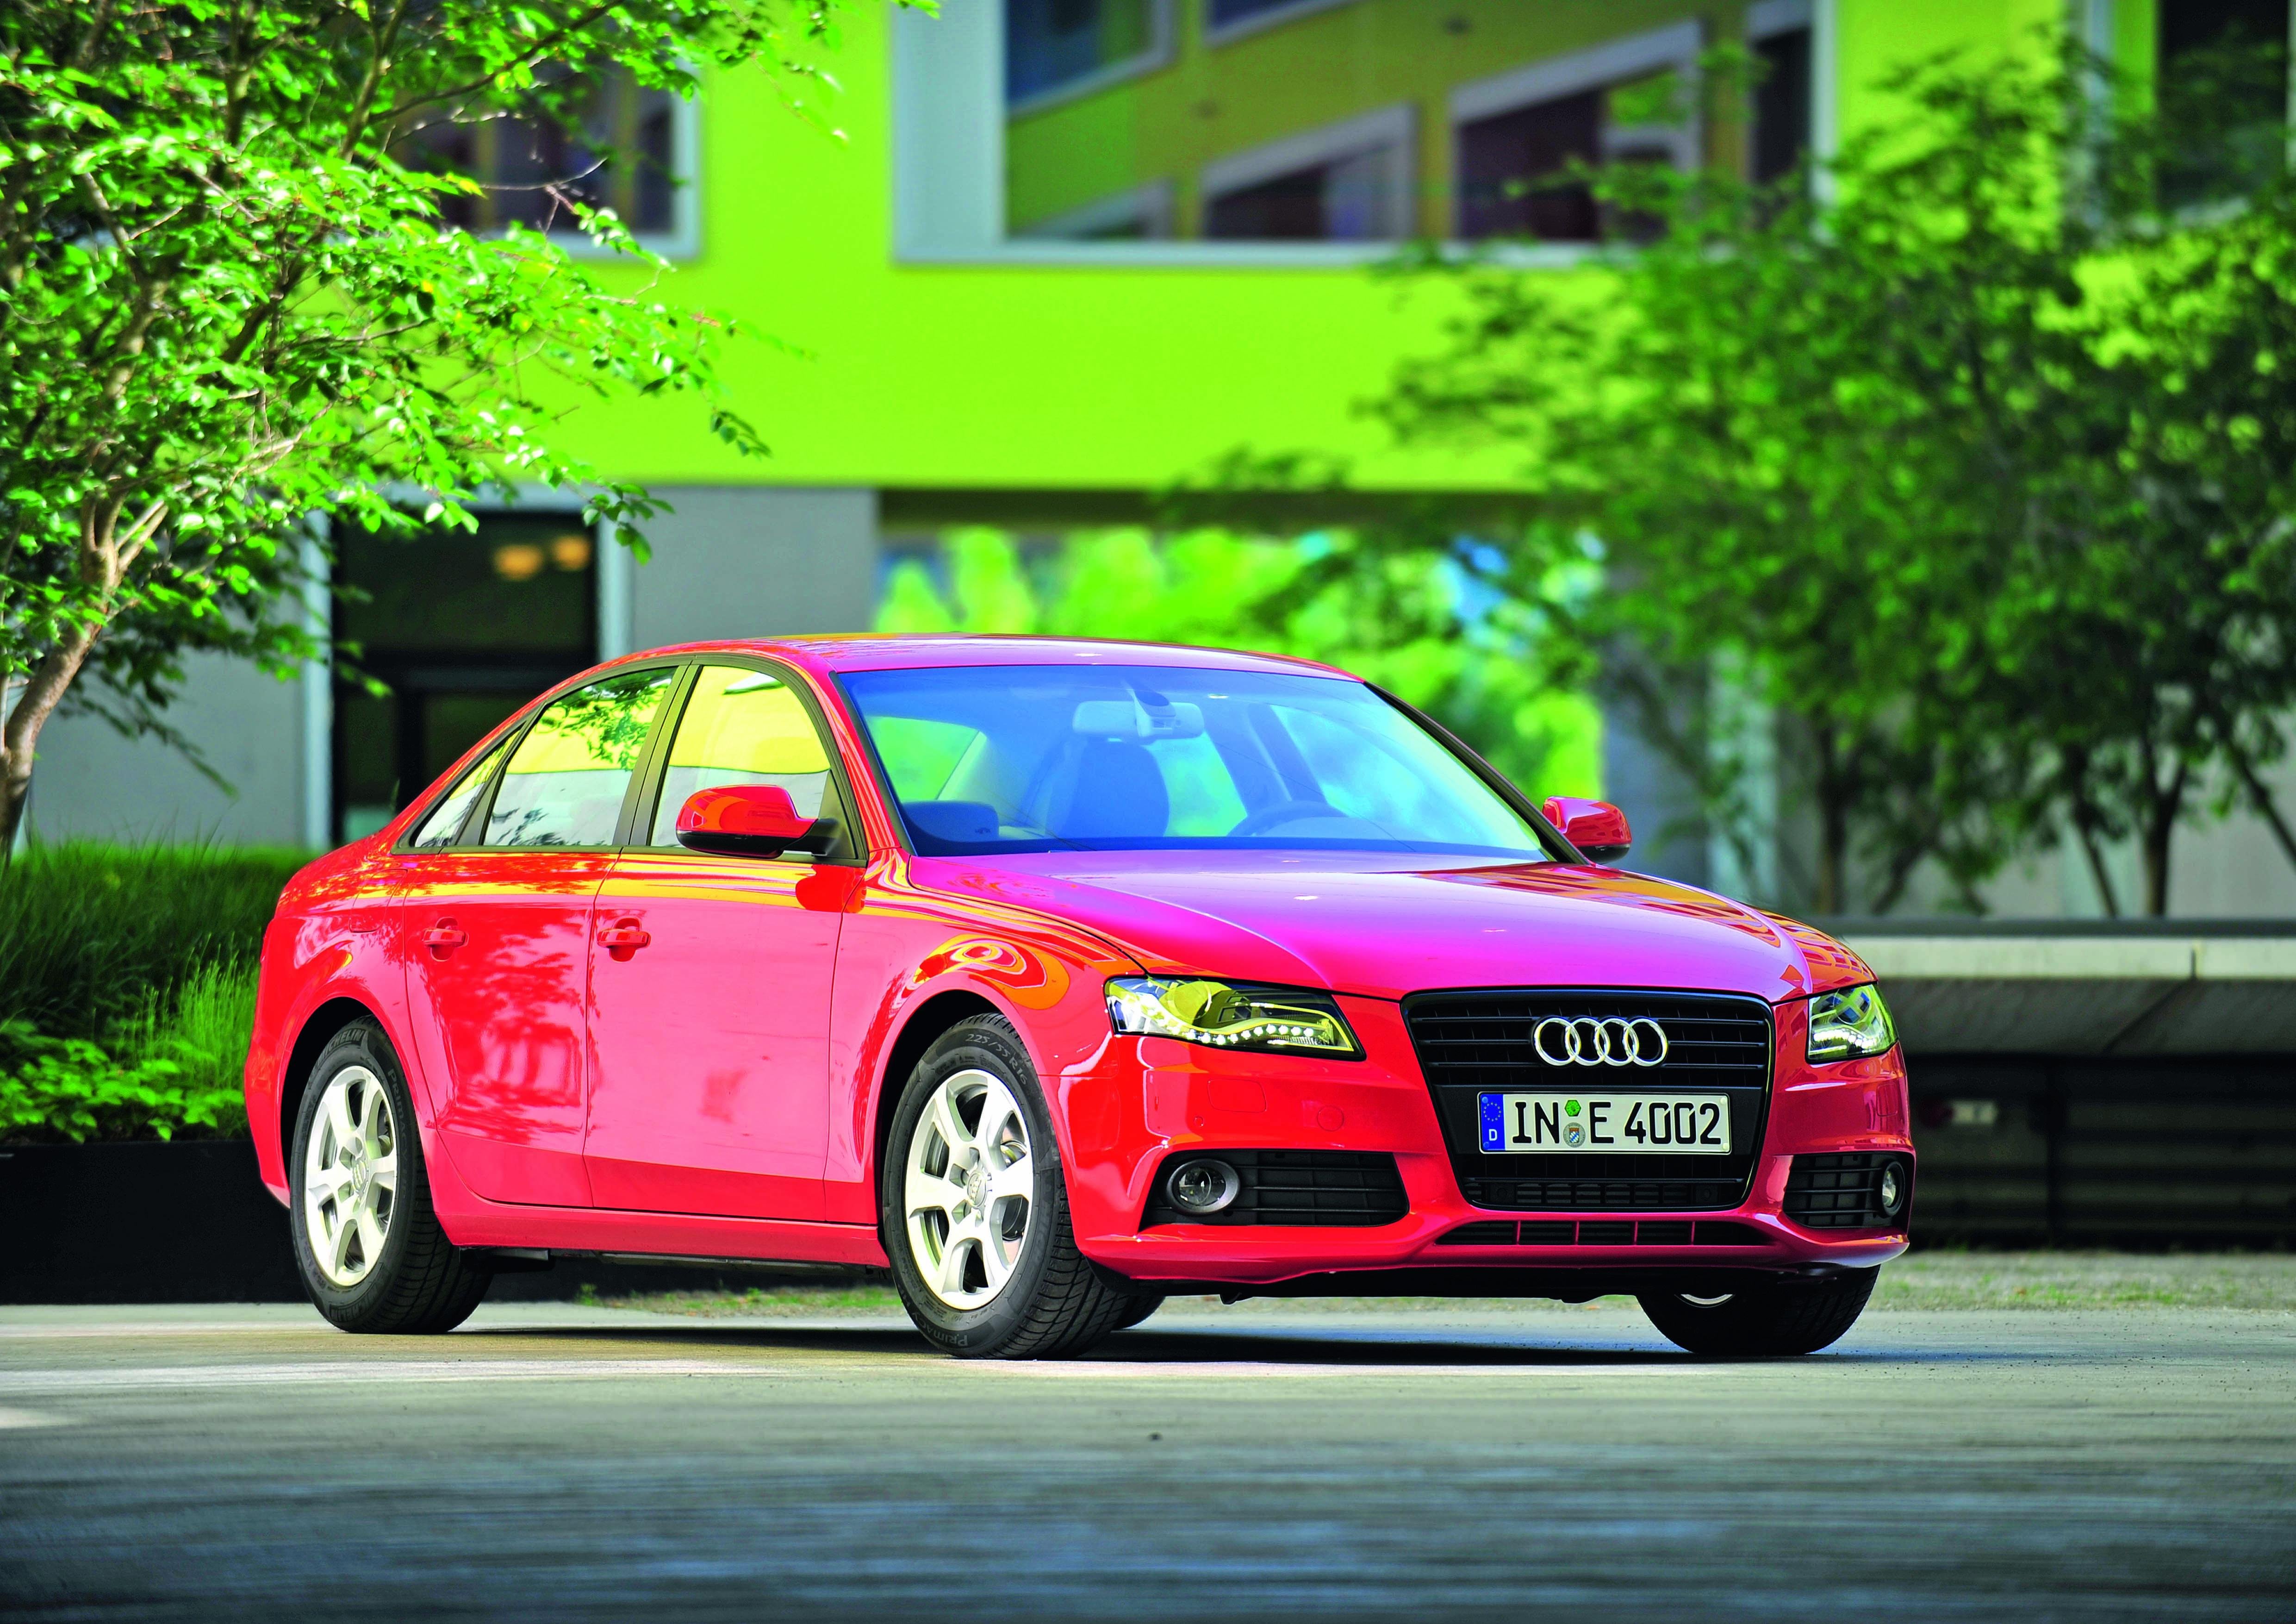 Audi A4 2.0 TDI/Standaufnahme